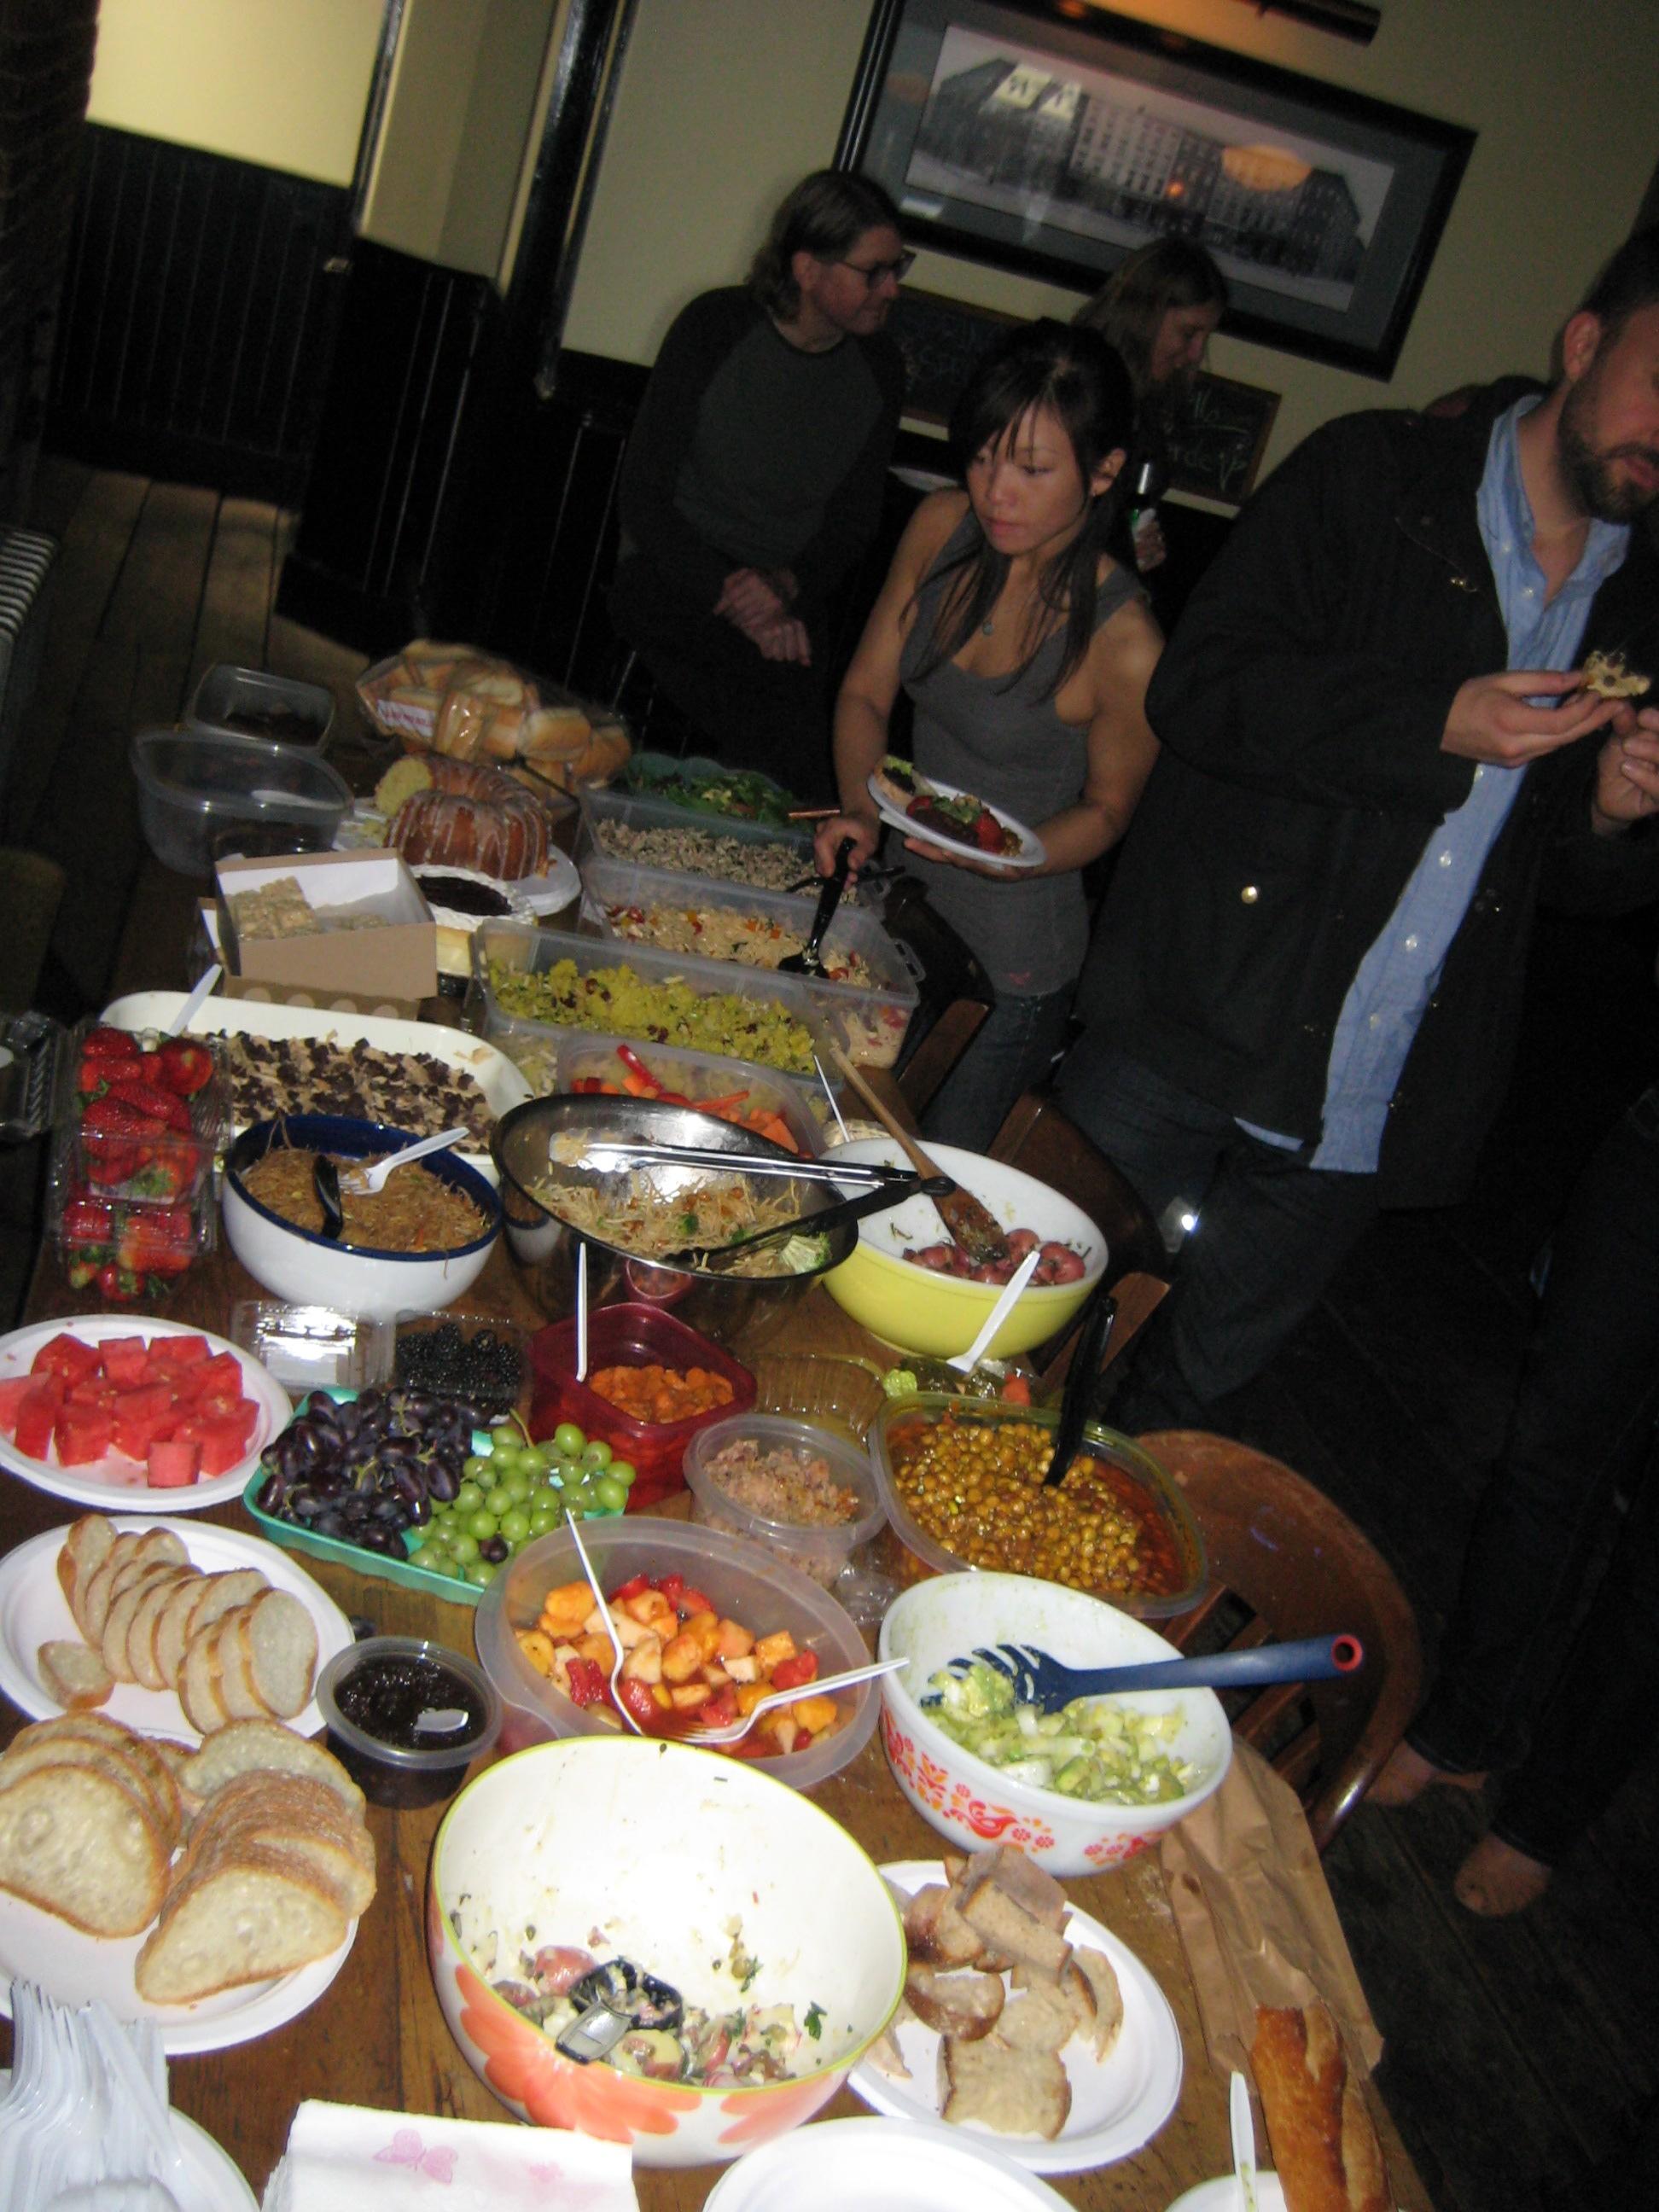 http://www.waxwingslain.com/food/eng6.jpg